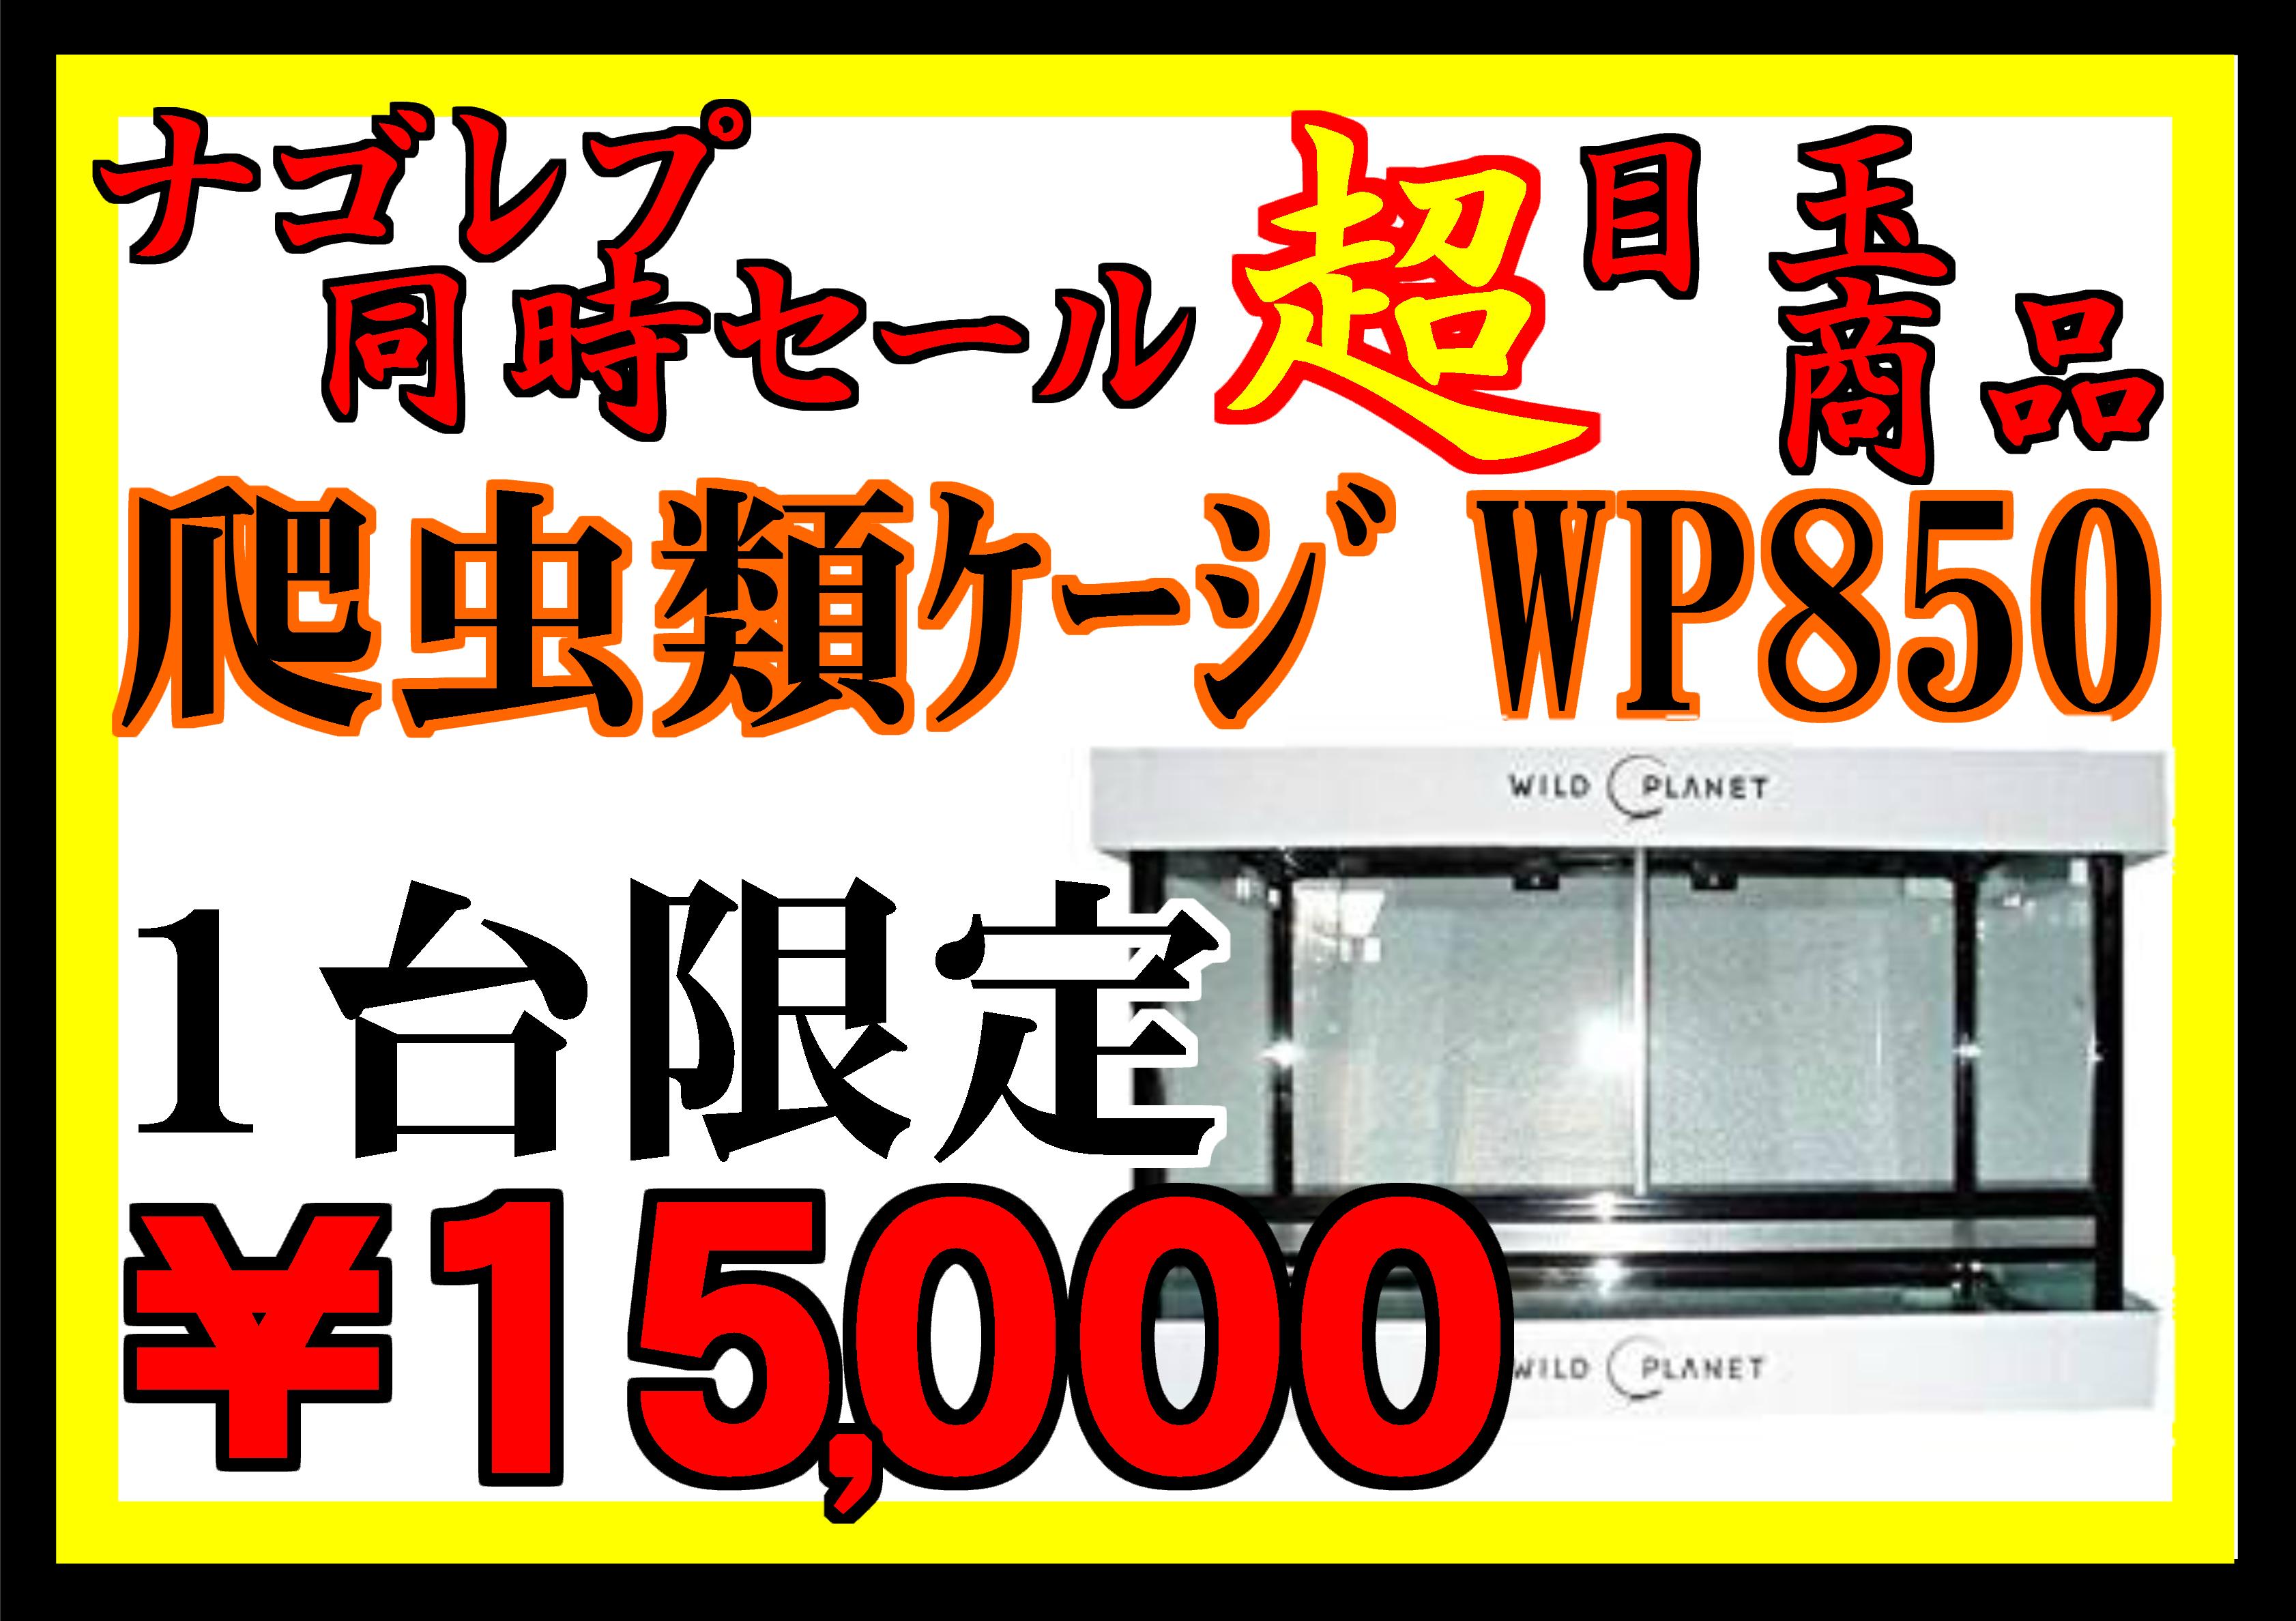 週替り特売は明日から4週目!!!